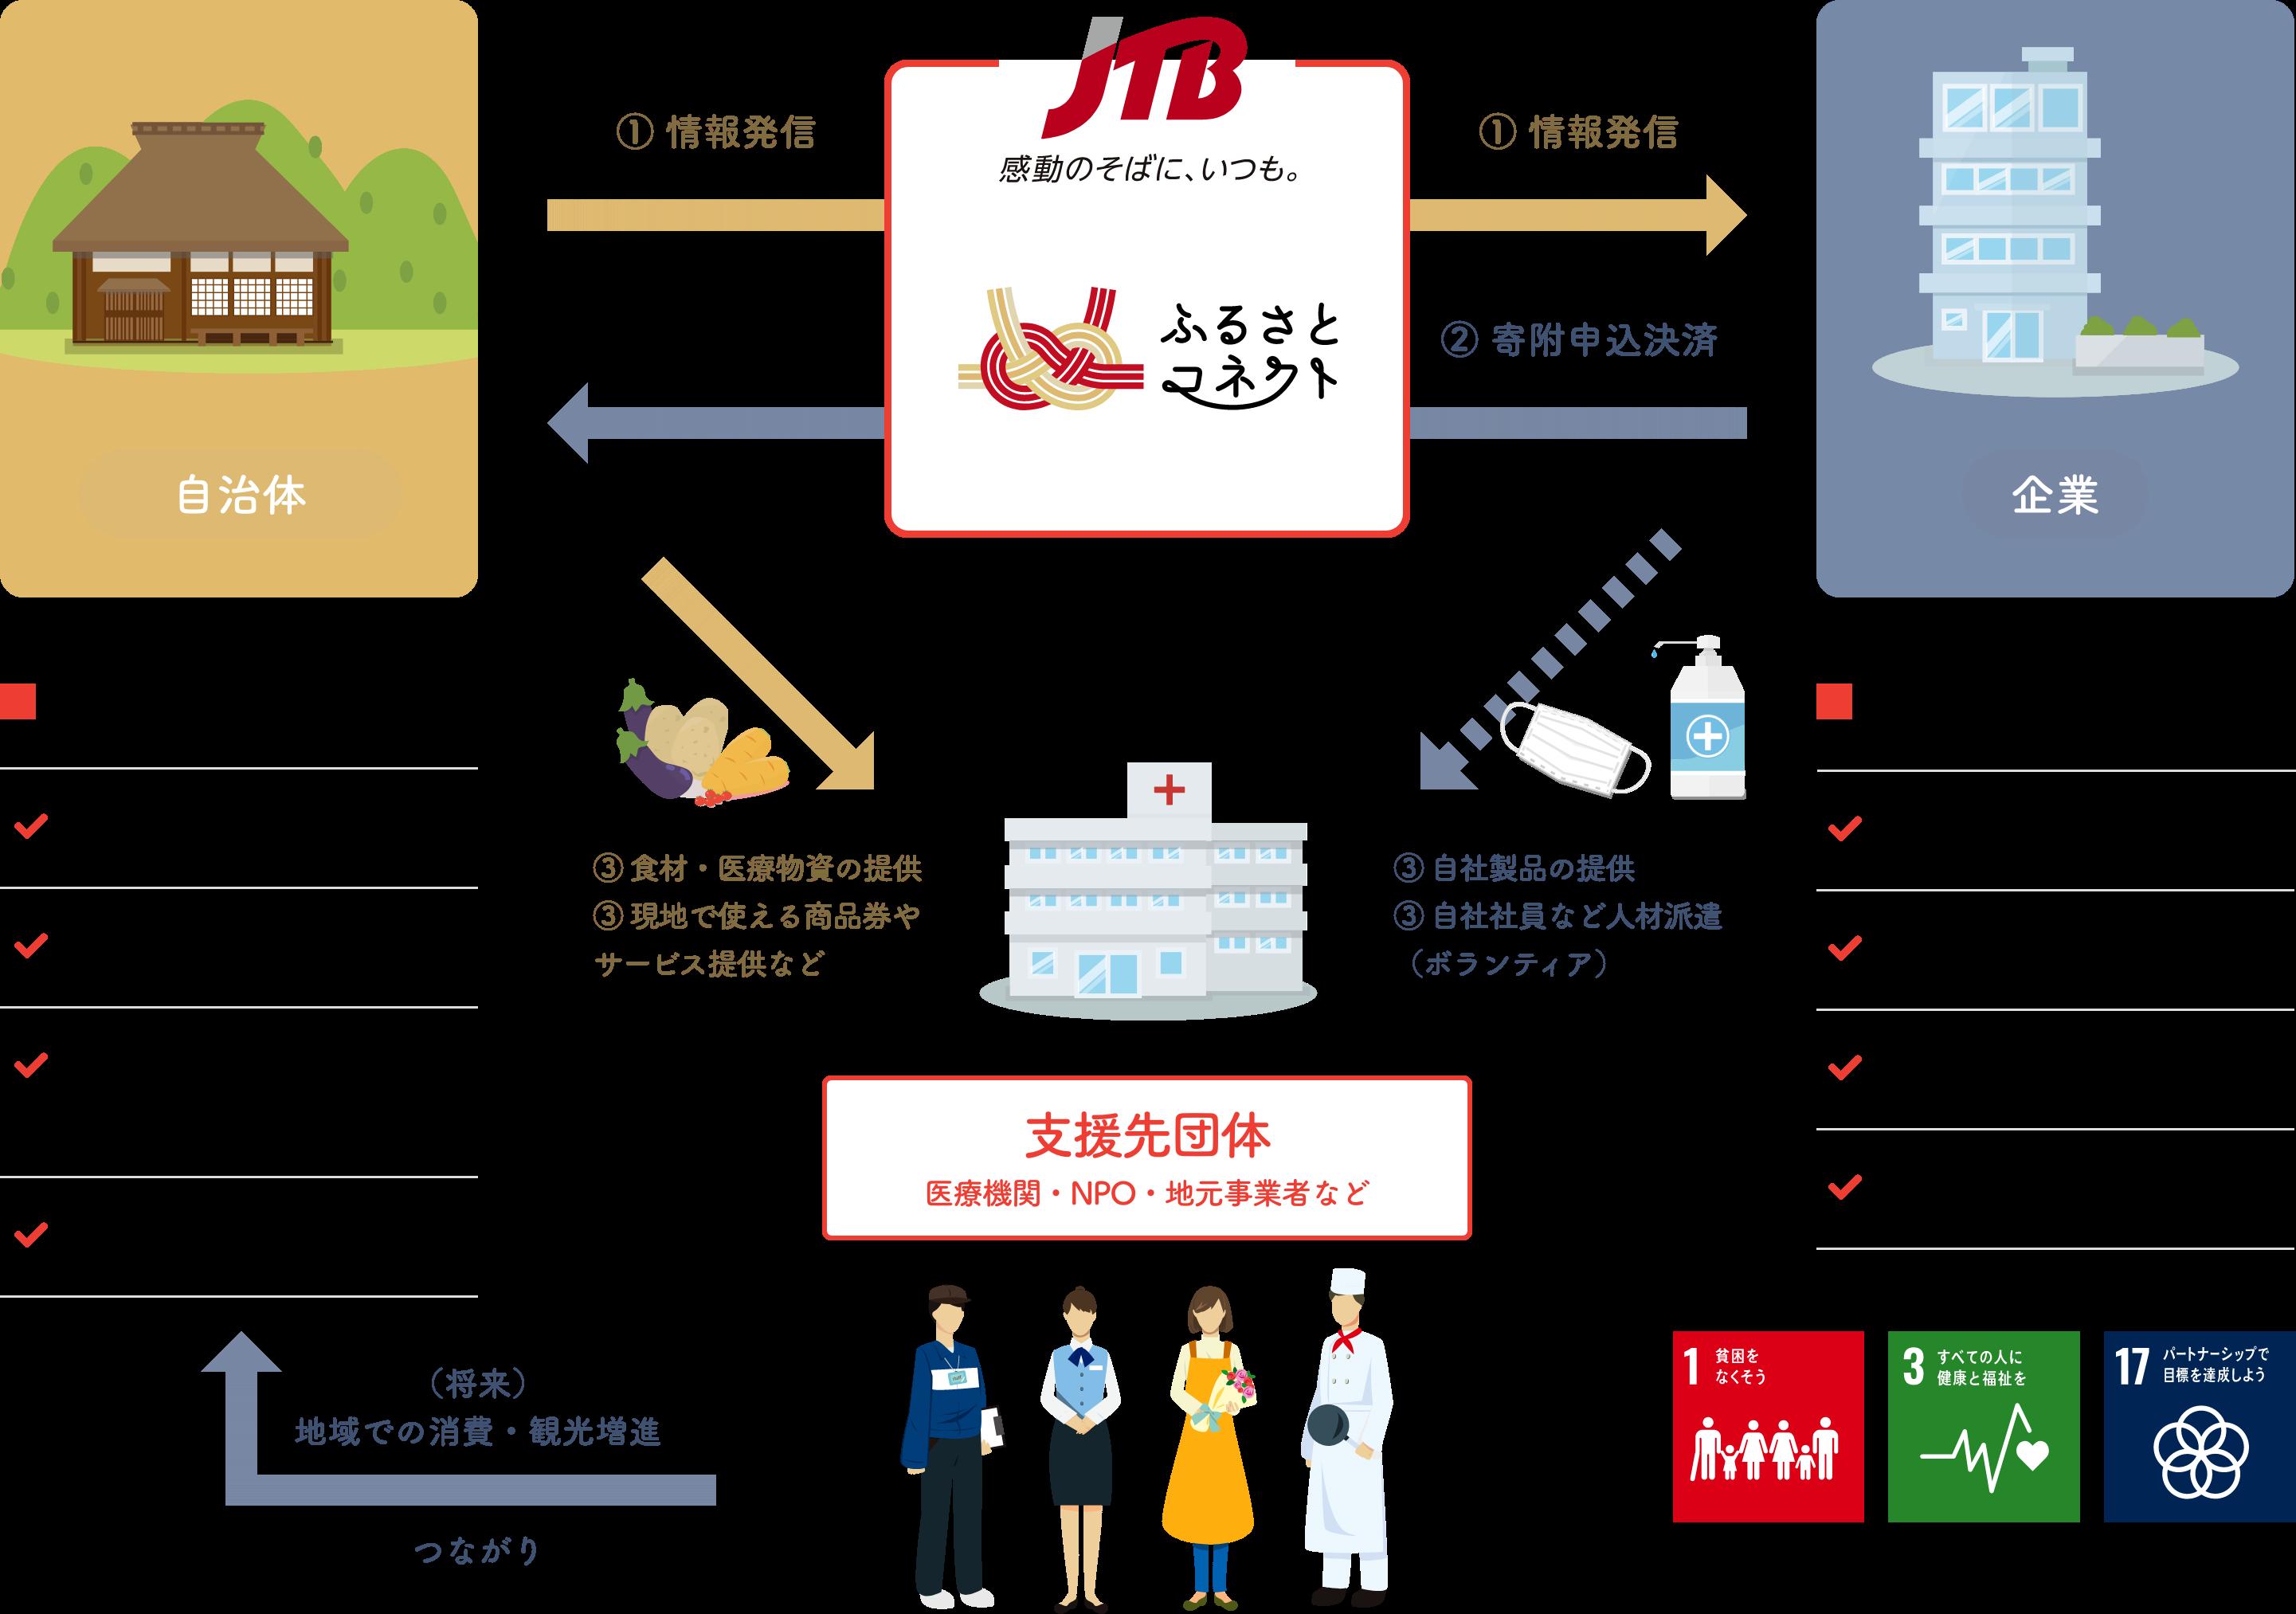 ~企業版ふるさと納税は、新型コロナウイルス感染症対応事業にも適用可能~自治体・企業をつなぐ協働支援プラットフォーム提供開始